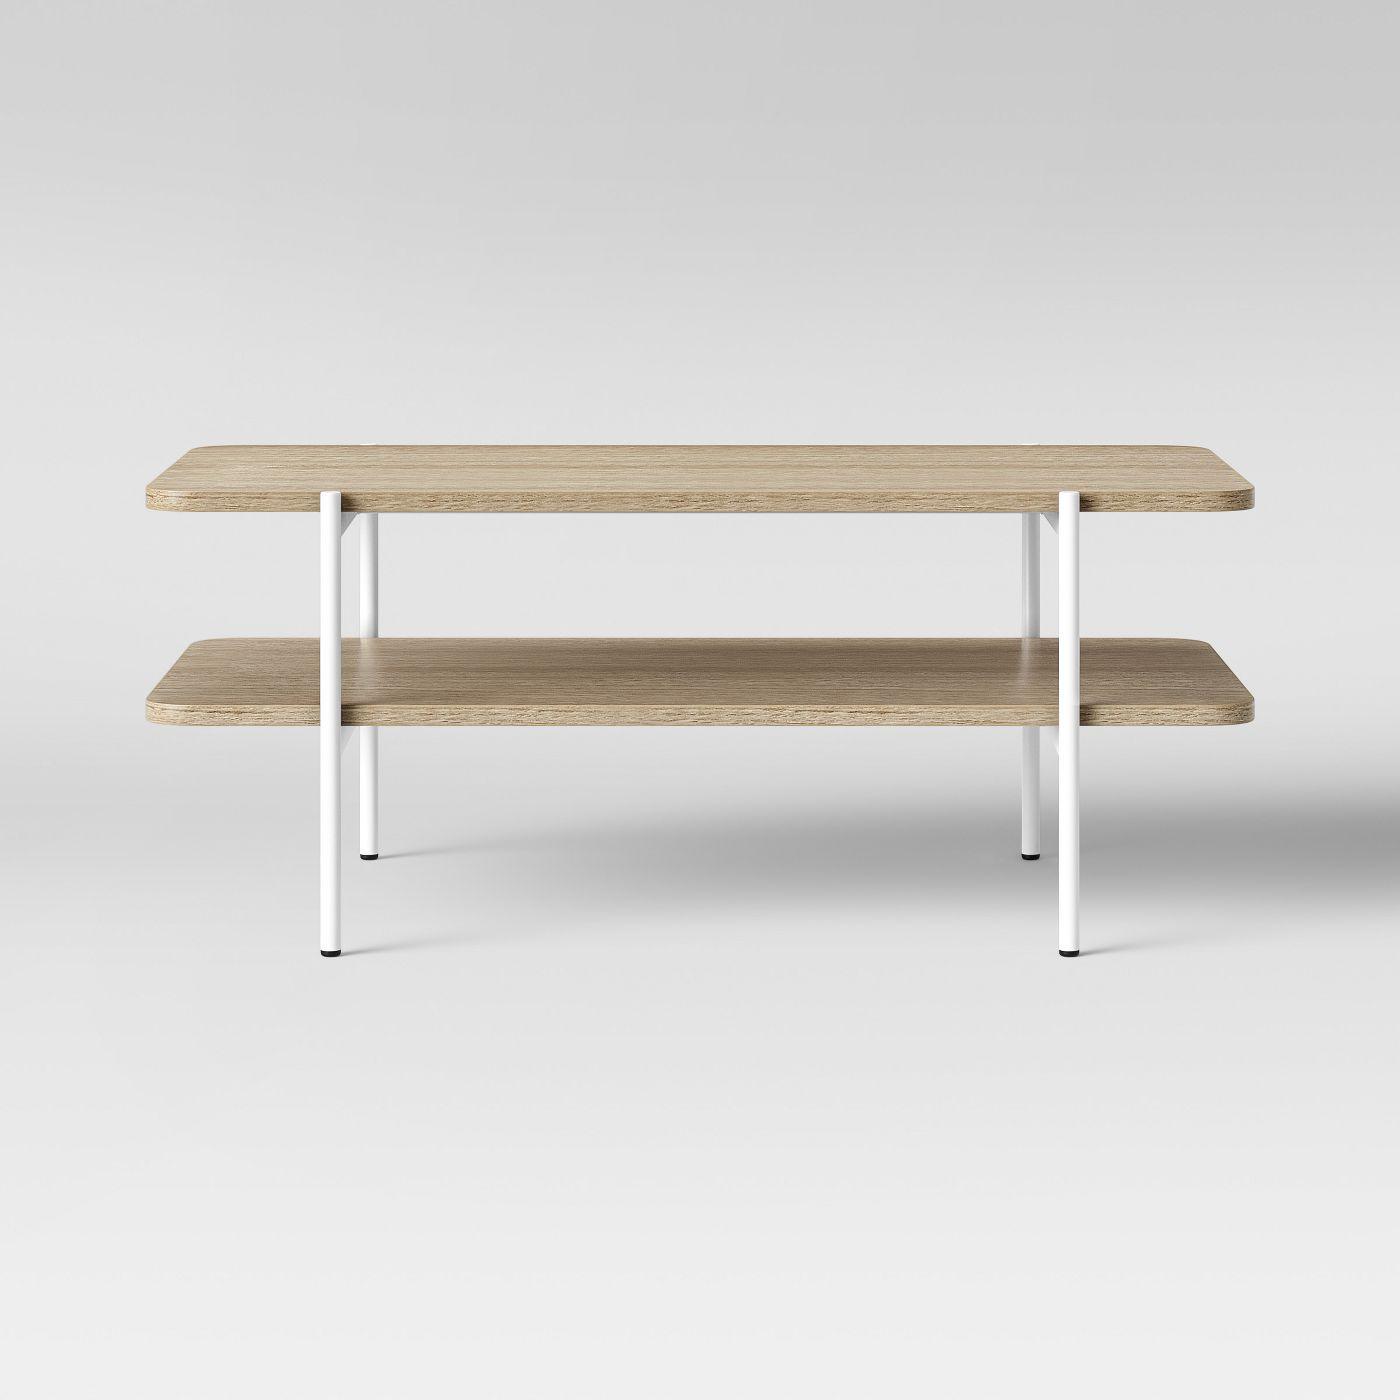 Mandelin Wood/Metal Coffee Table